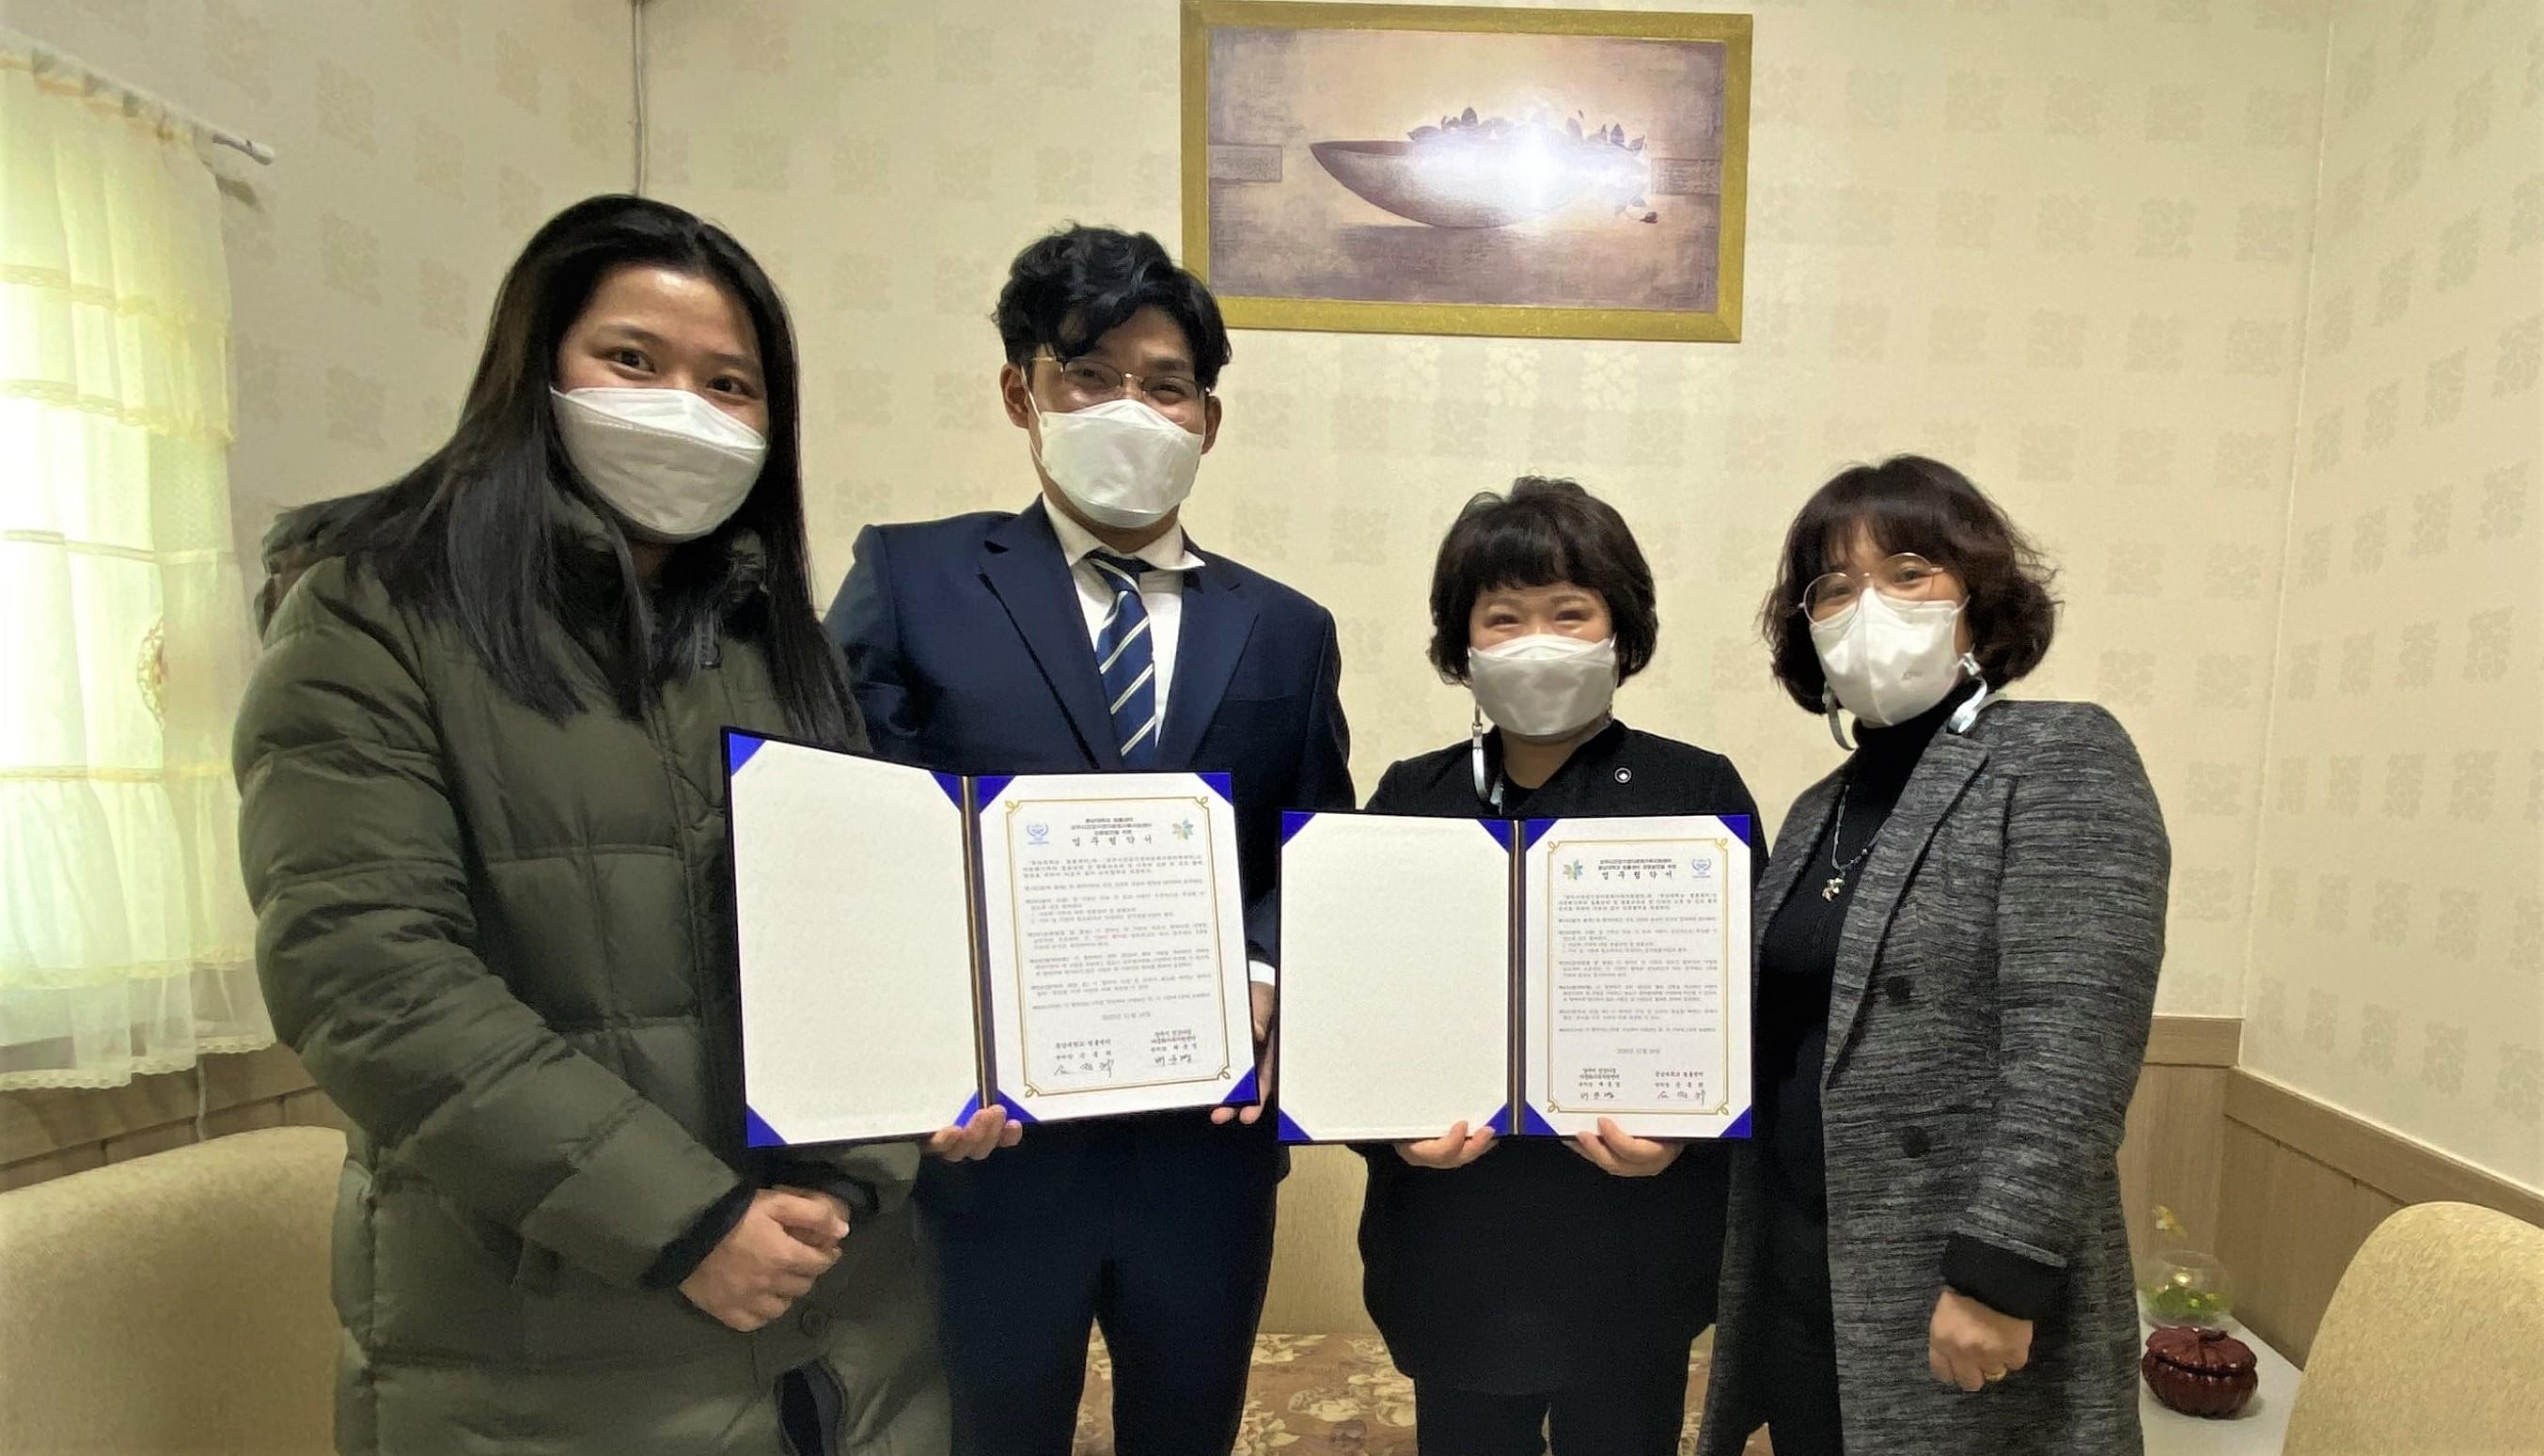 법률센터-상주시 건강가정다문화가족지원센터 업무협약 체결 사진1